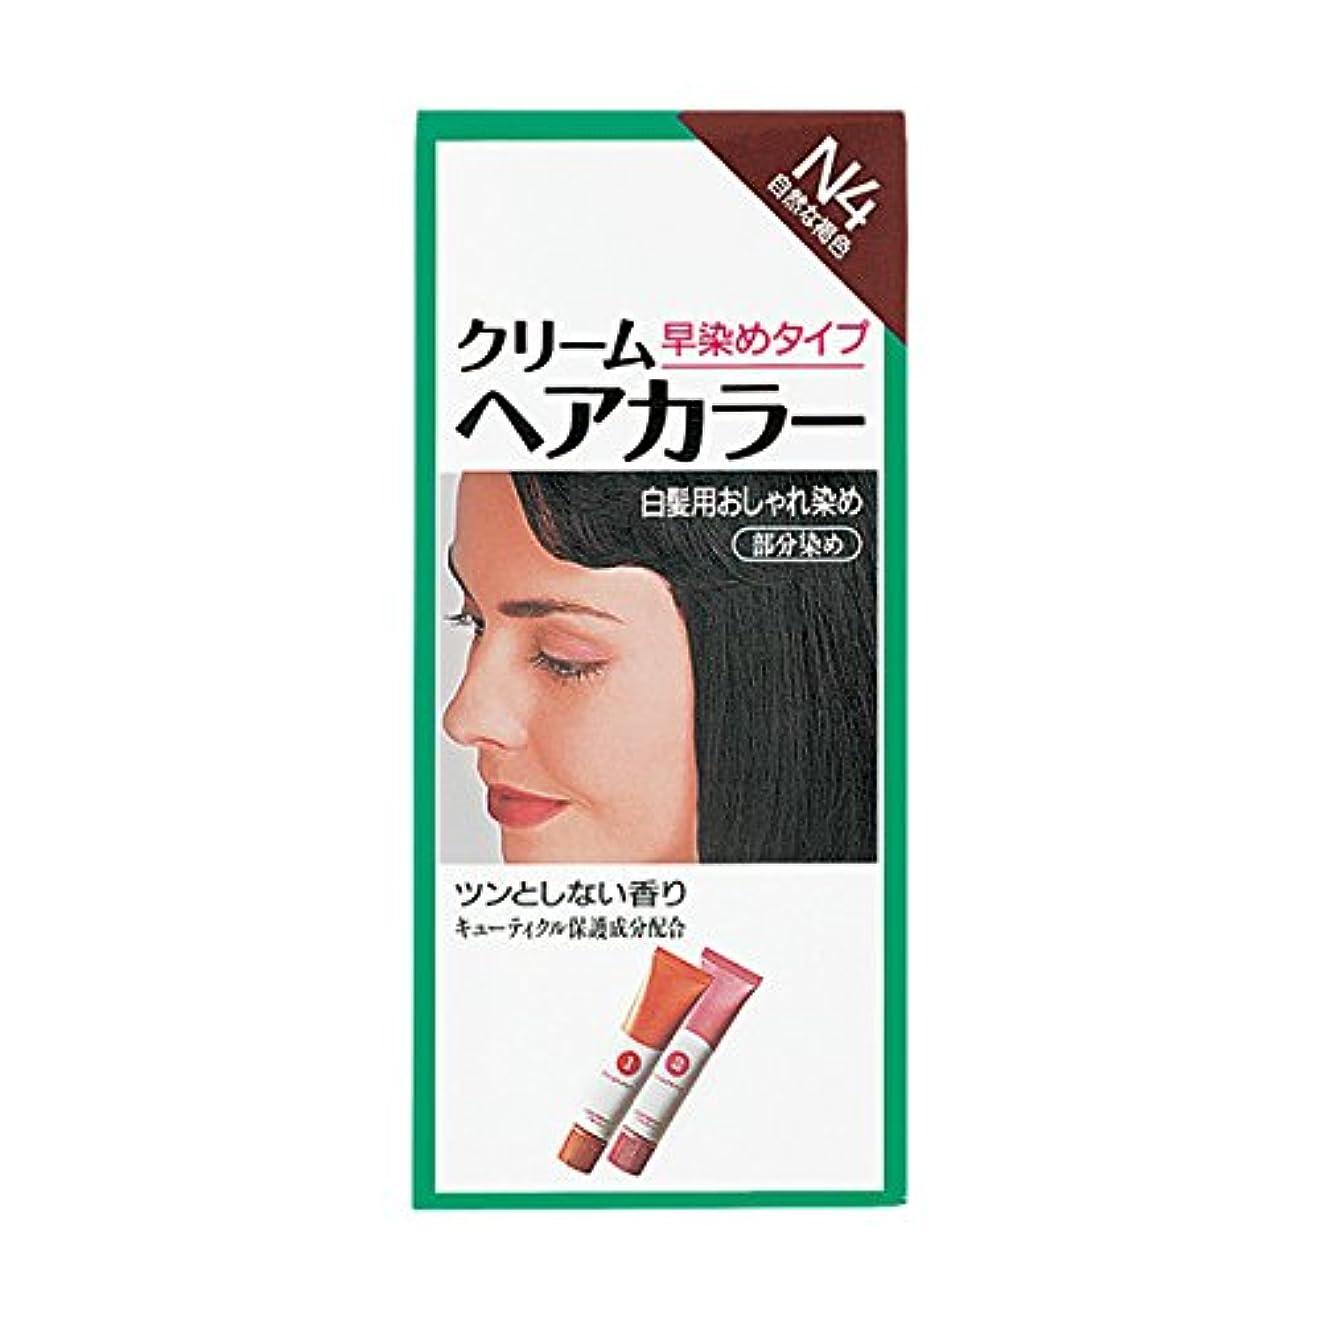 アグネスグレイ仮装気まぐれなヘアカラー クリームヘアカラーN N4 【医薬部外品】